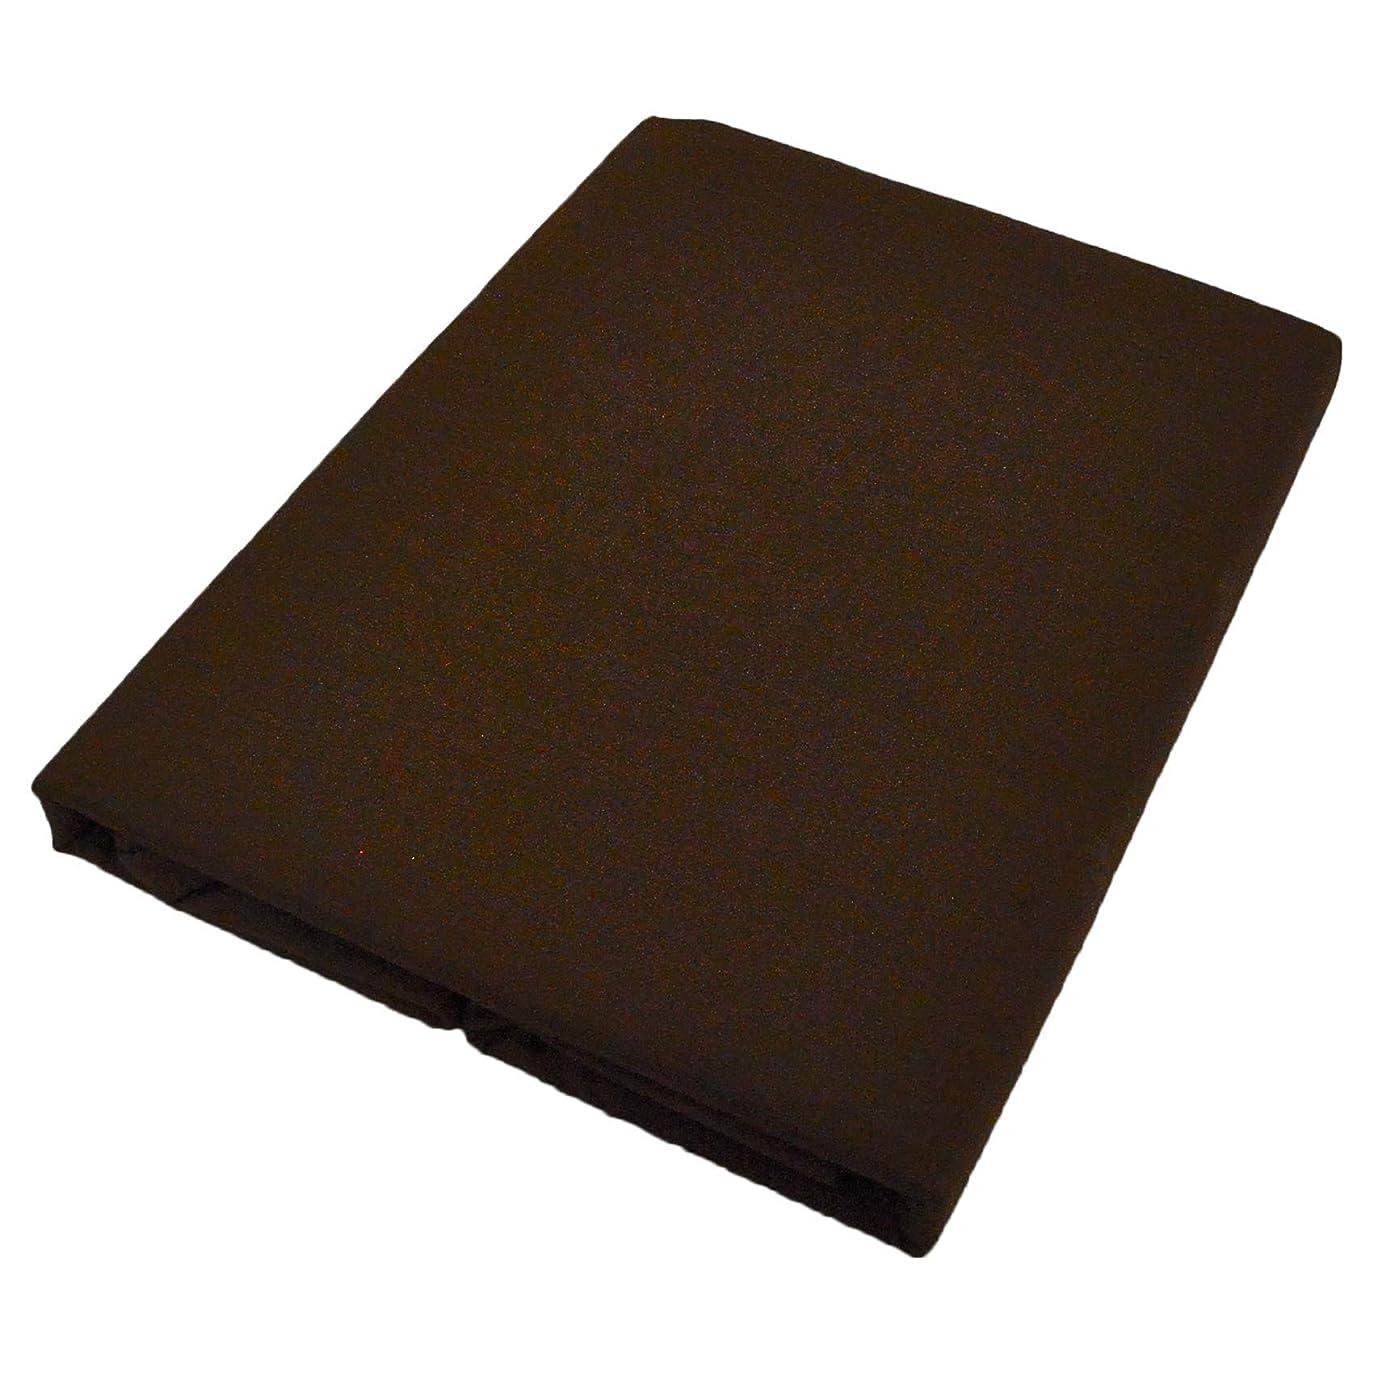 広くフィールド動物日本製 掛け布団カバー 綿100% 和晒し ガーゼ シングルロングサイズ 150cmX210cm ブラウン シングル